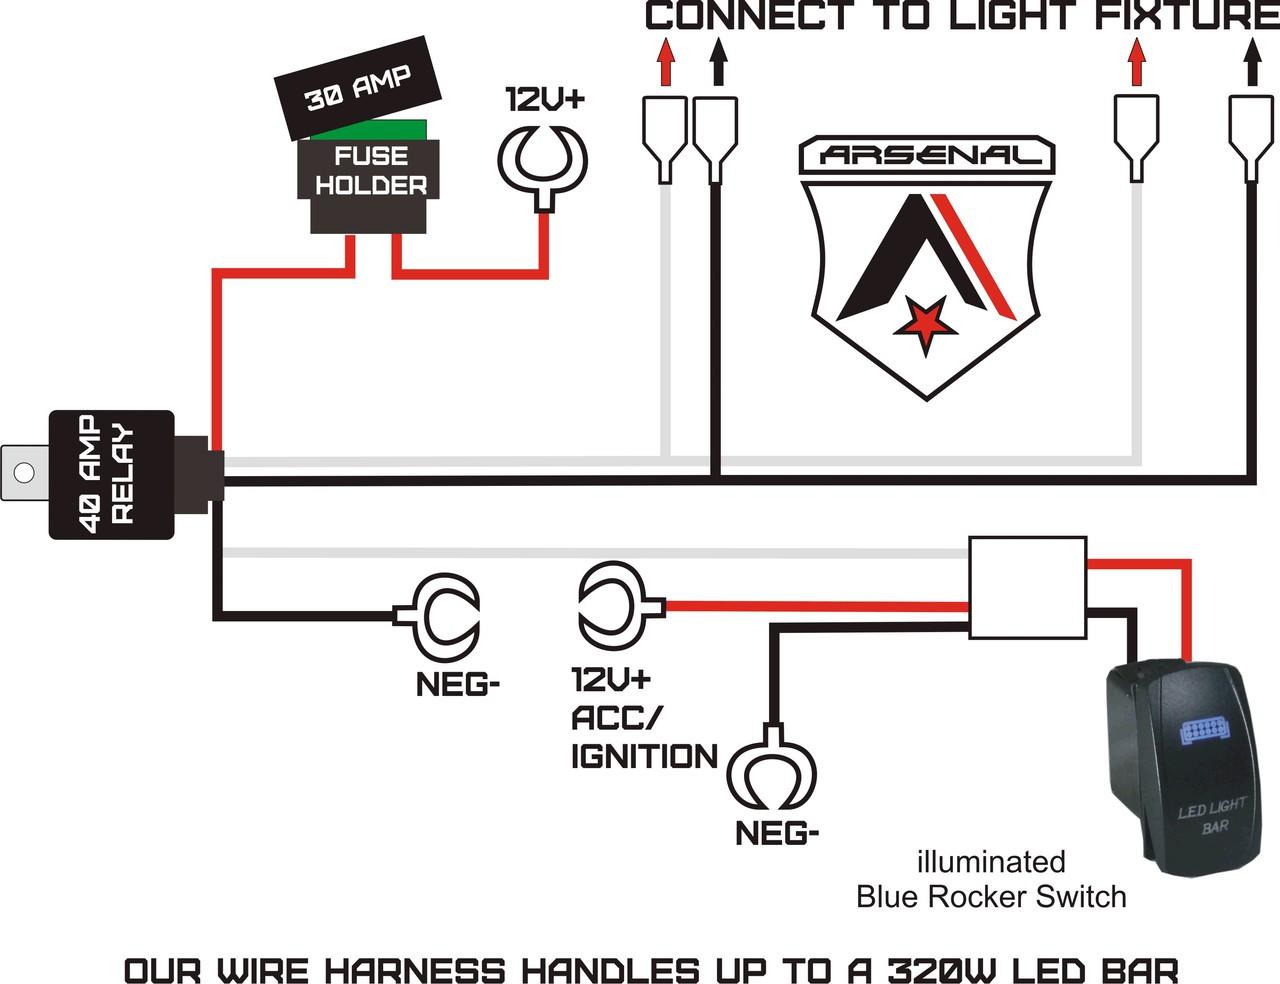 1 40 inch led cree light bar by arsenal offroad 228w spot flood combo beam offroad trucks 4x4 jeep trucks utv suv 4x4 polaris razor 1000 tractor raptor  [ 1280 x 984 Pixel ]